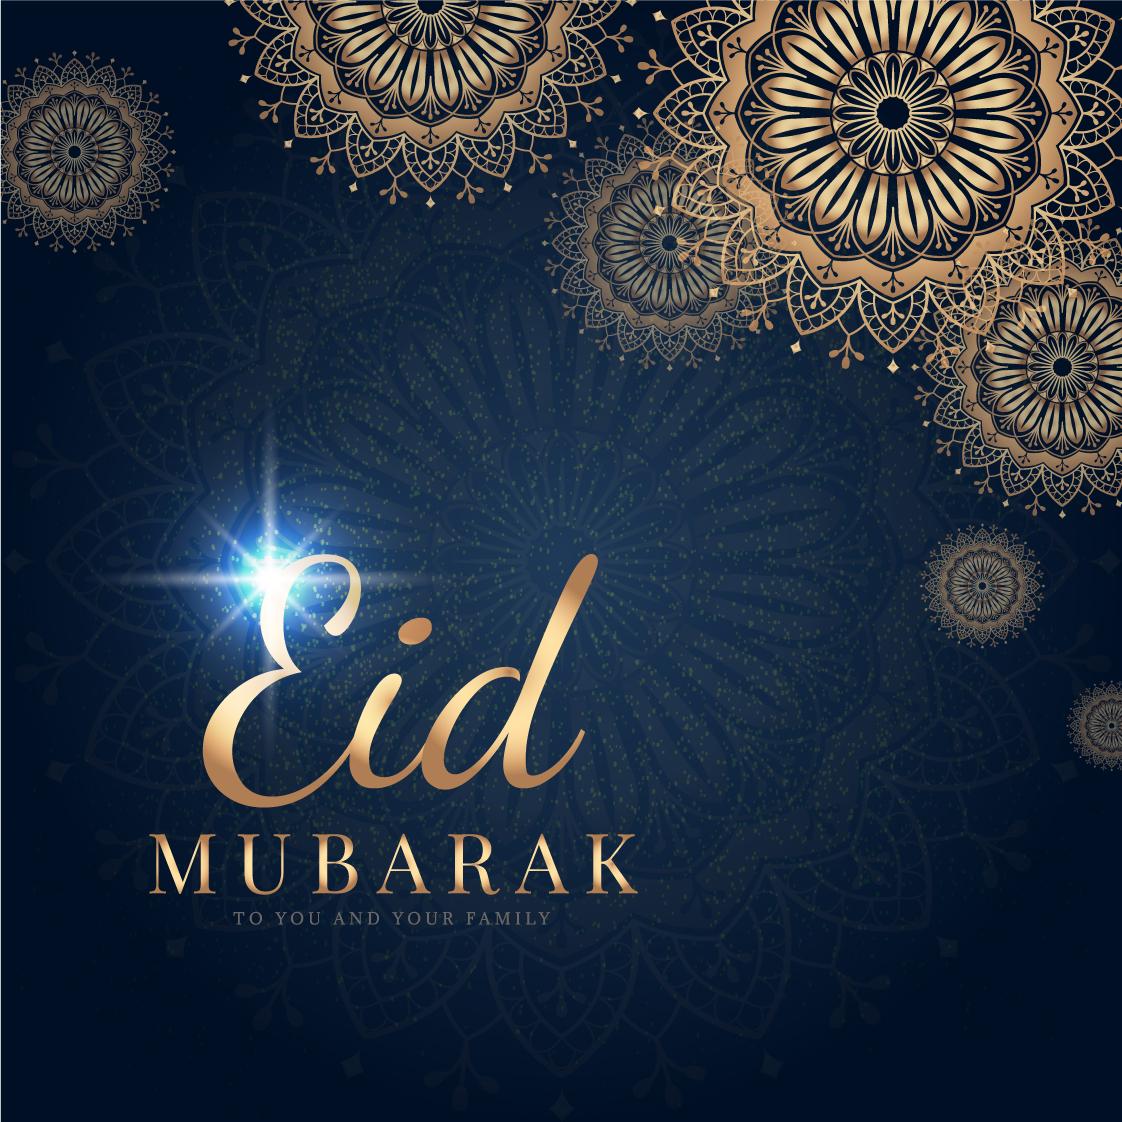 eid mubarak images poetry wishes messages shayari